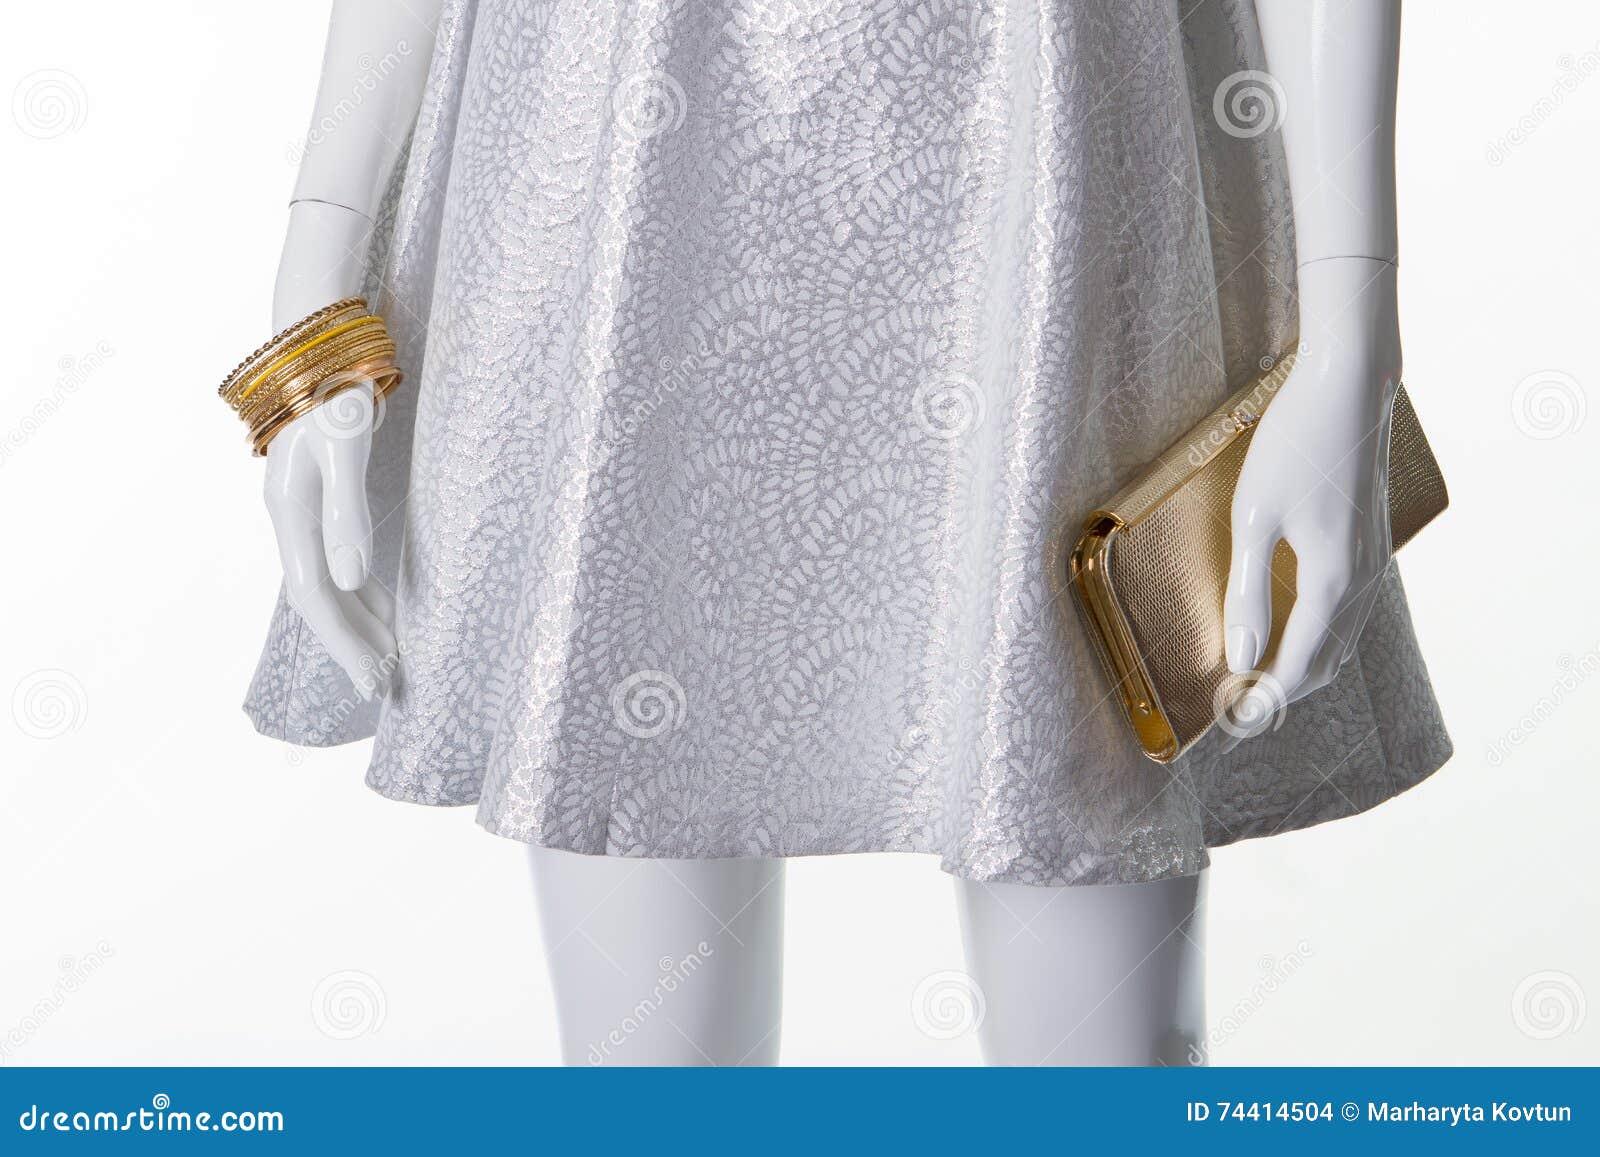 Vestido blanco con accesorios plateados